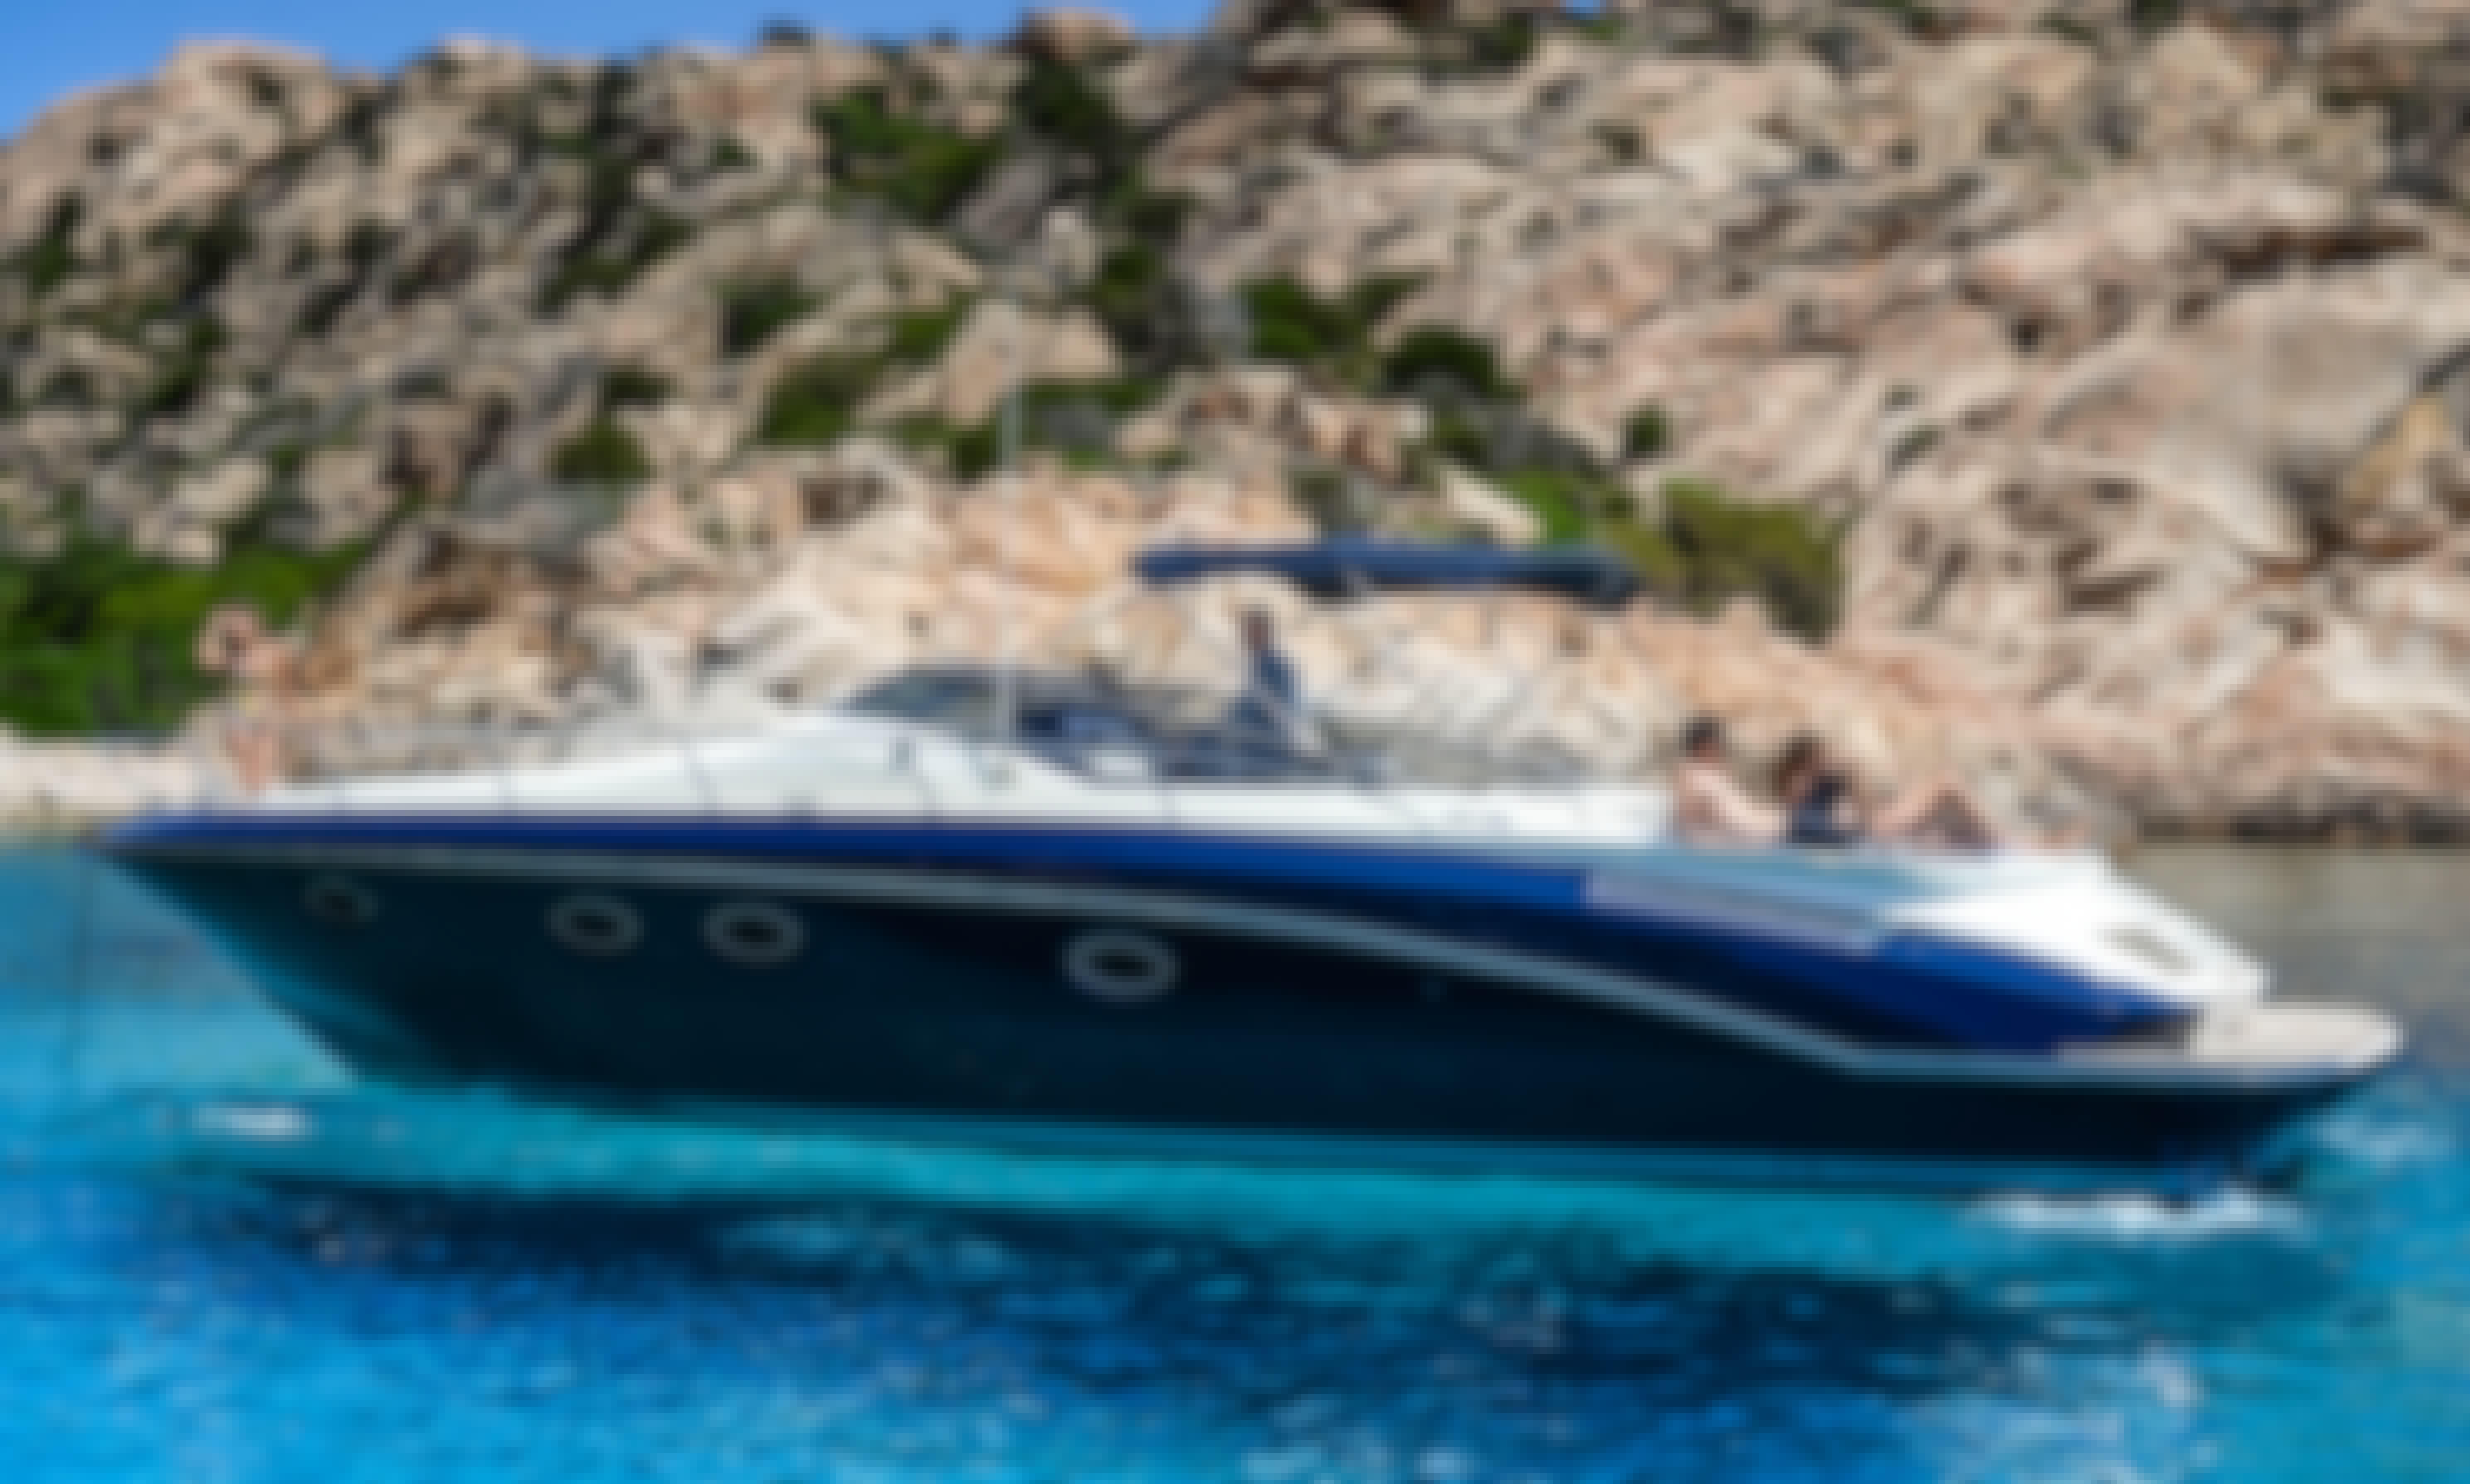 Cantieri Sarnico Spider 43 Motor Yacht from Costa Smeralda in Sirdinia, Italy!